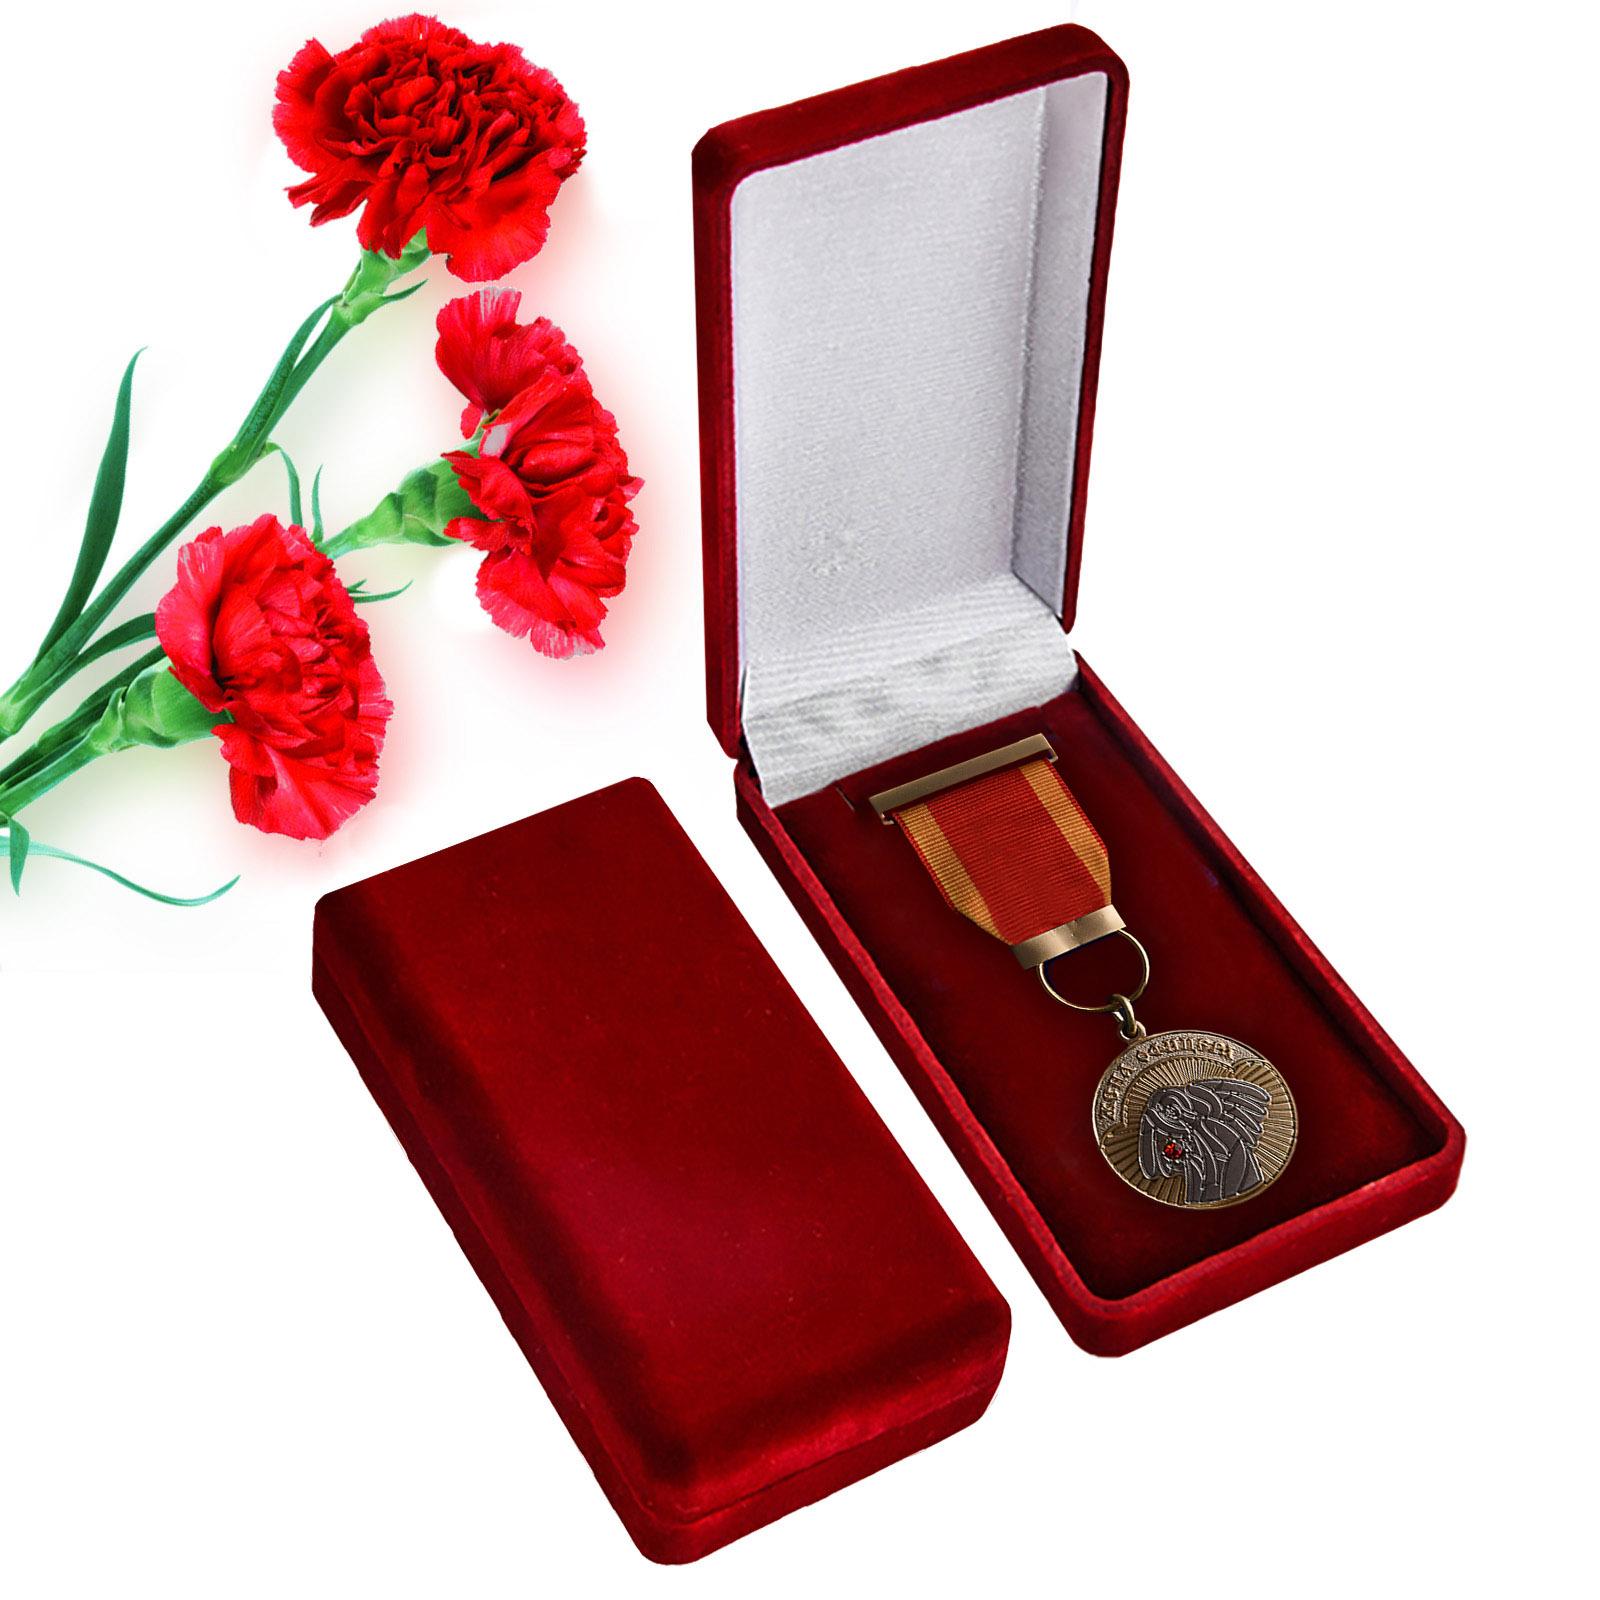 Купить медаль Жена офицера в бархатистом футляре по экономичной цене